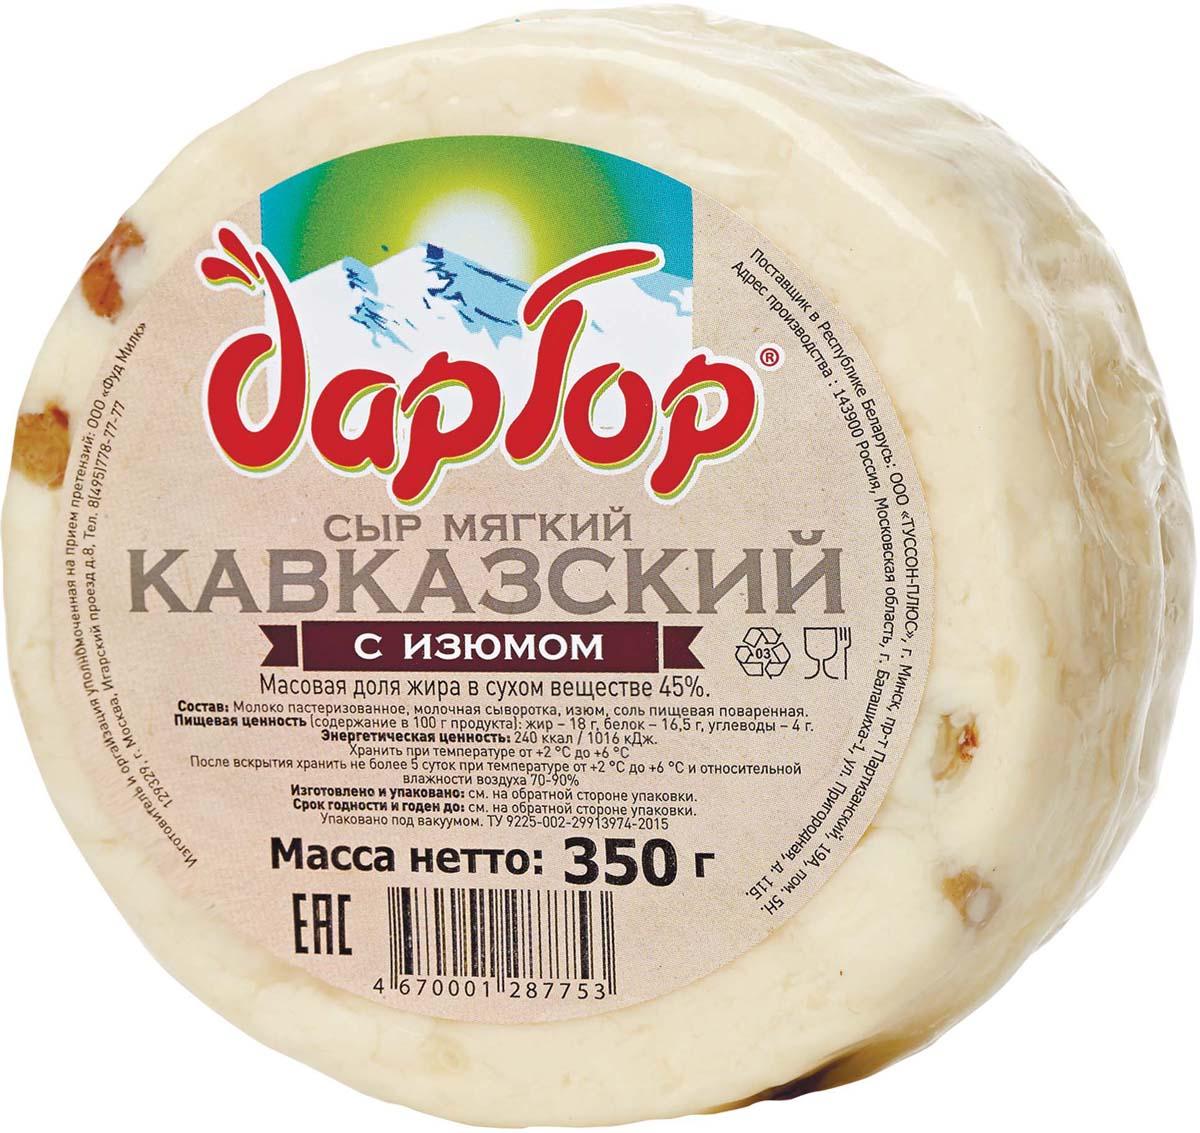 Дар Гор Сыр мягкий Кавказский с Изюмом, 350 г дар гор сыр чанах 40% с чёрными и зелёными плодами оливы в масле 40% 250 г